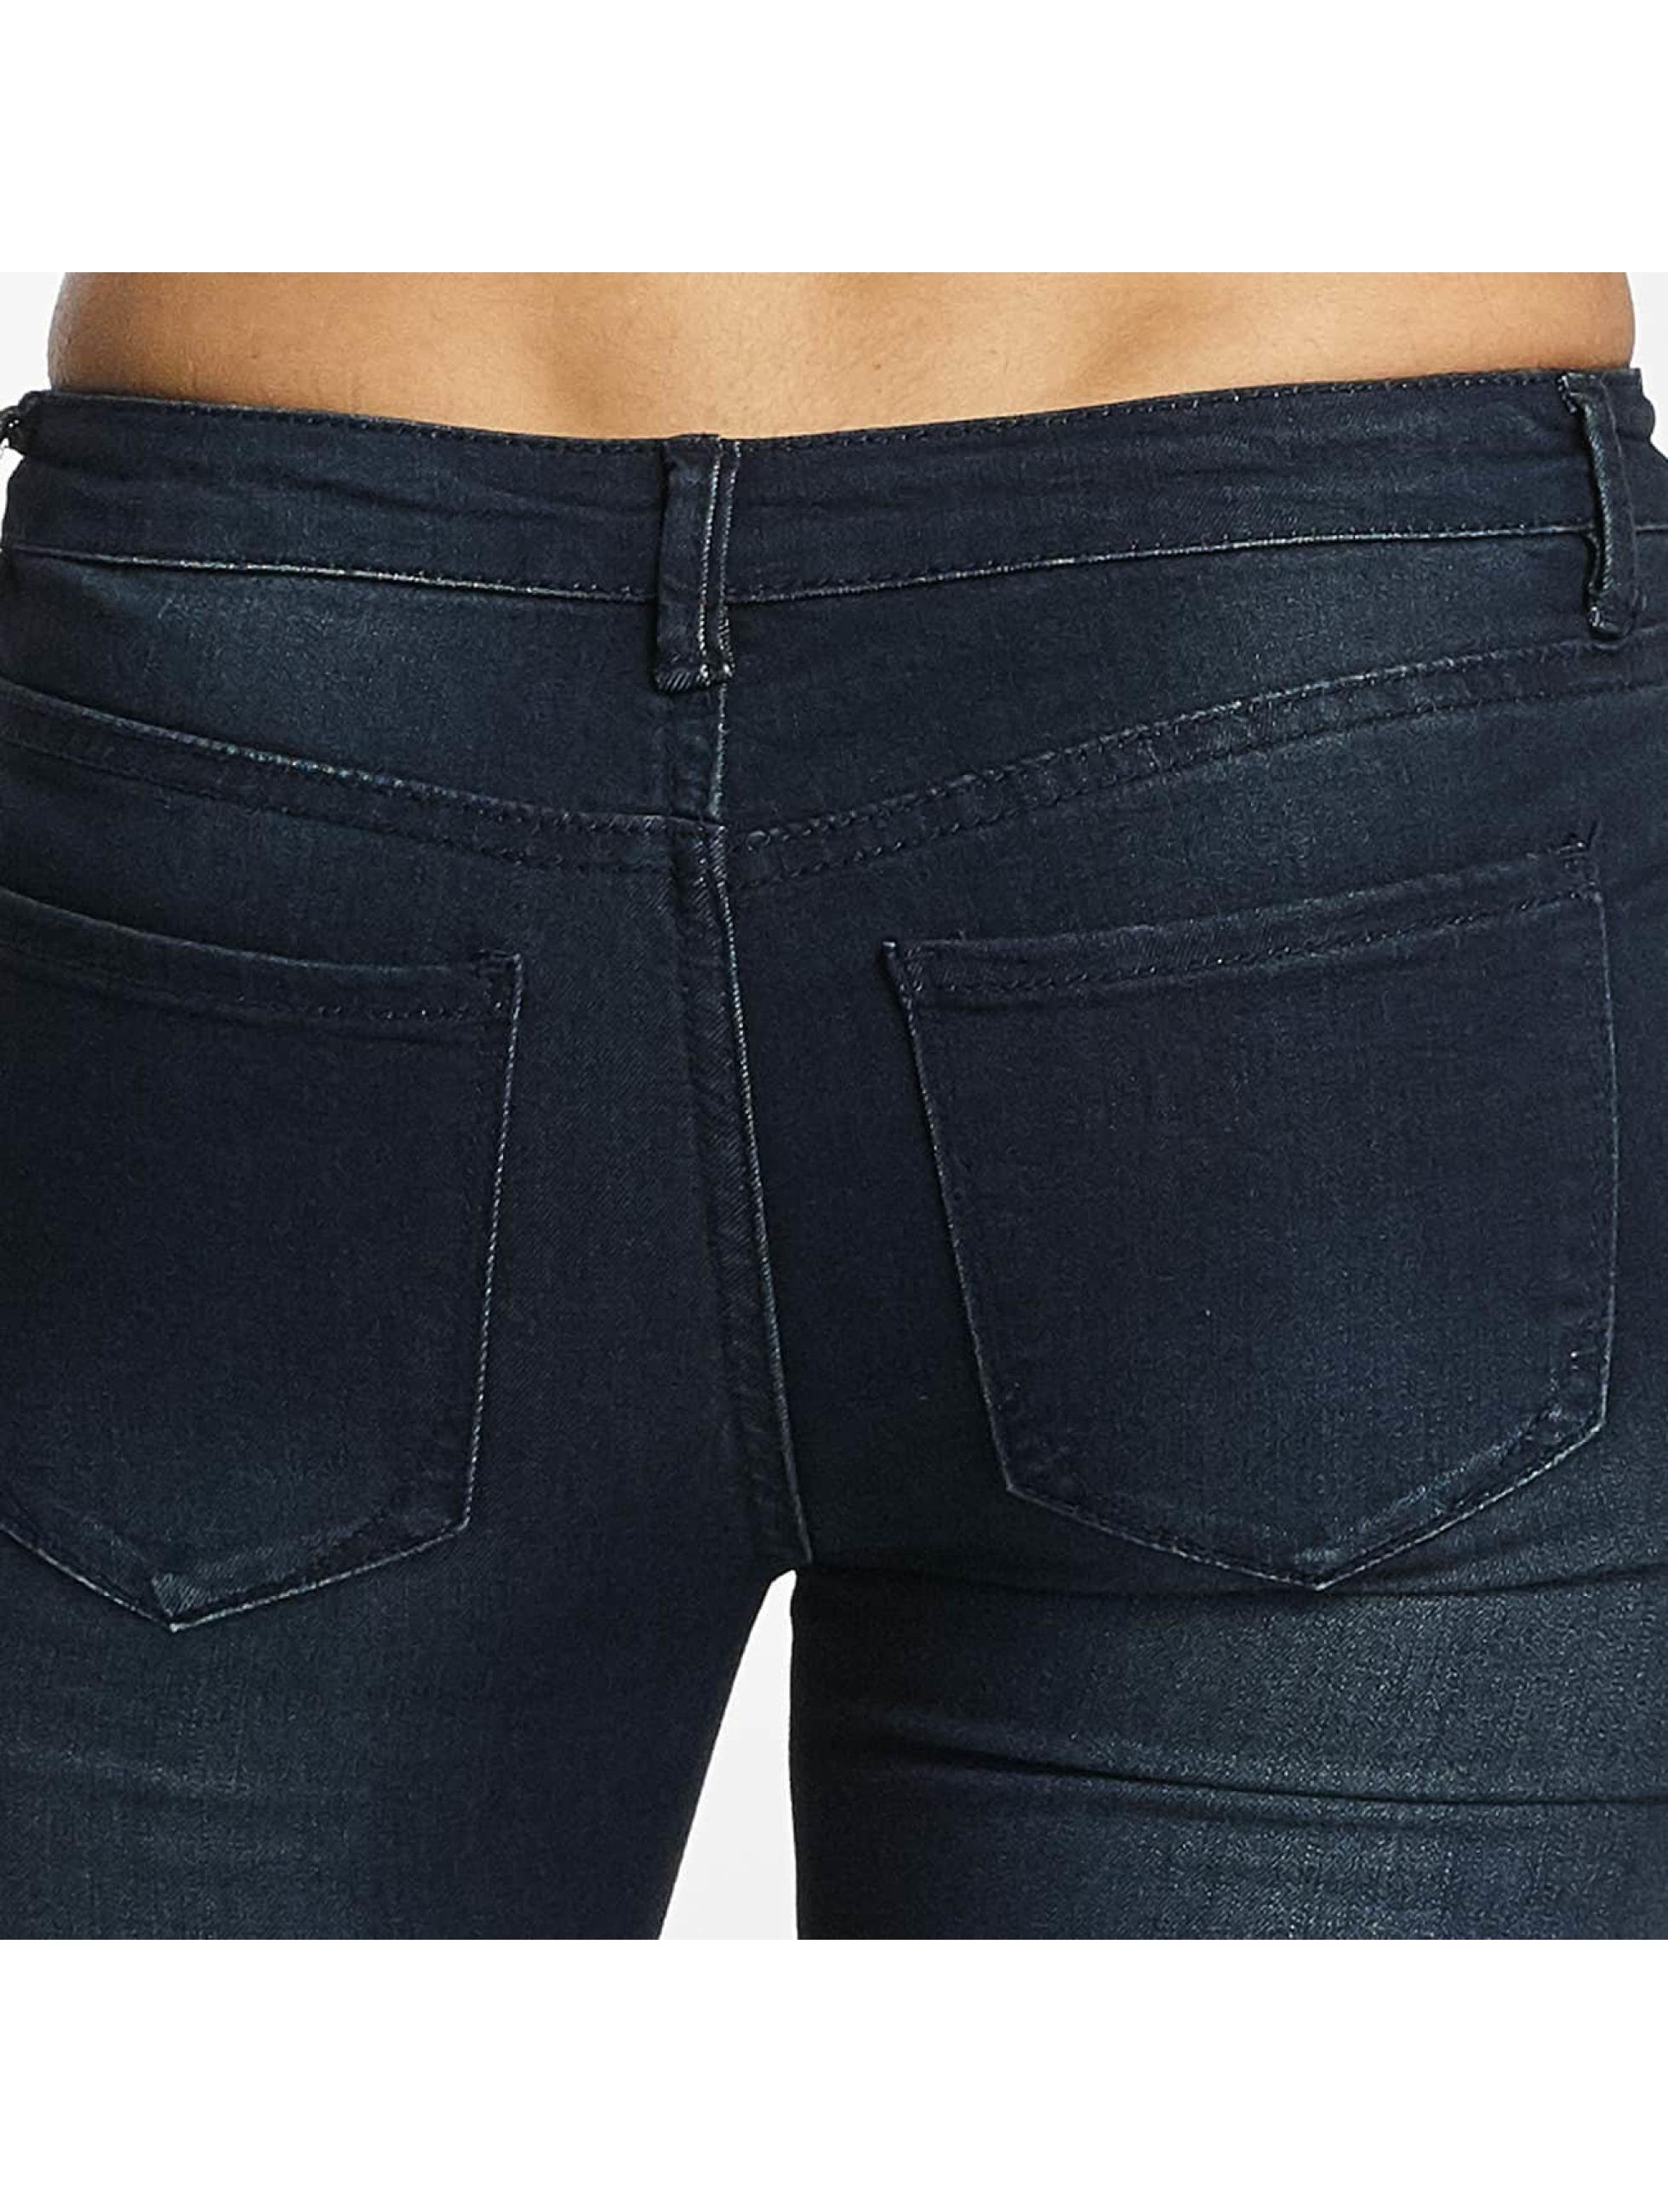 Hailys Skinny Jeans Mia Basic czarny